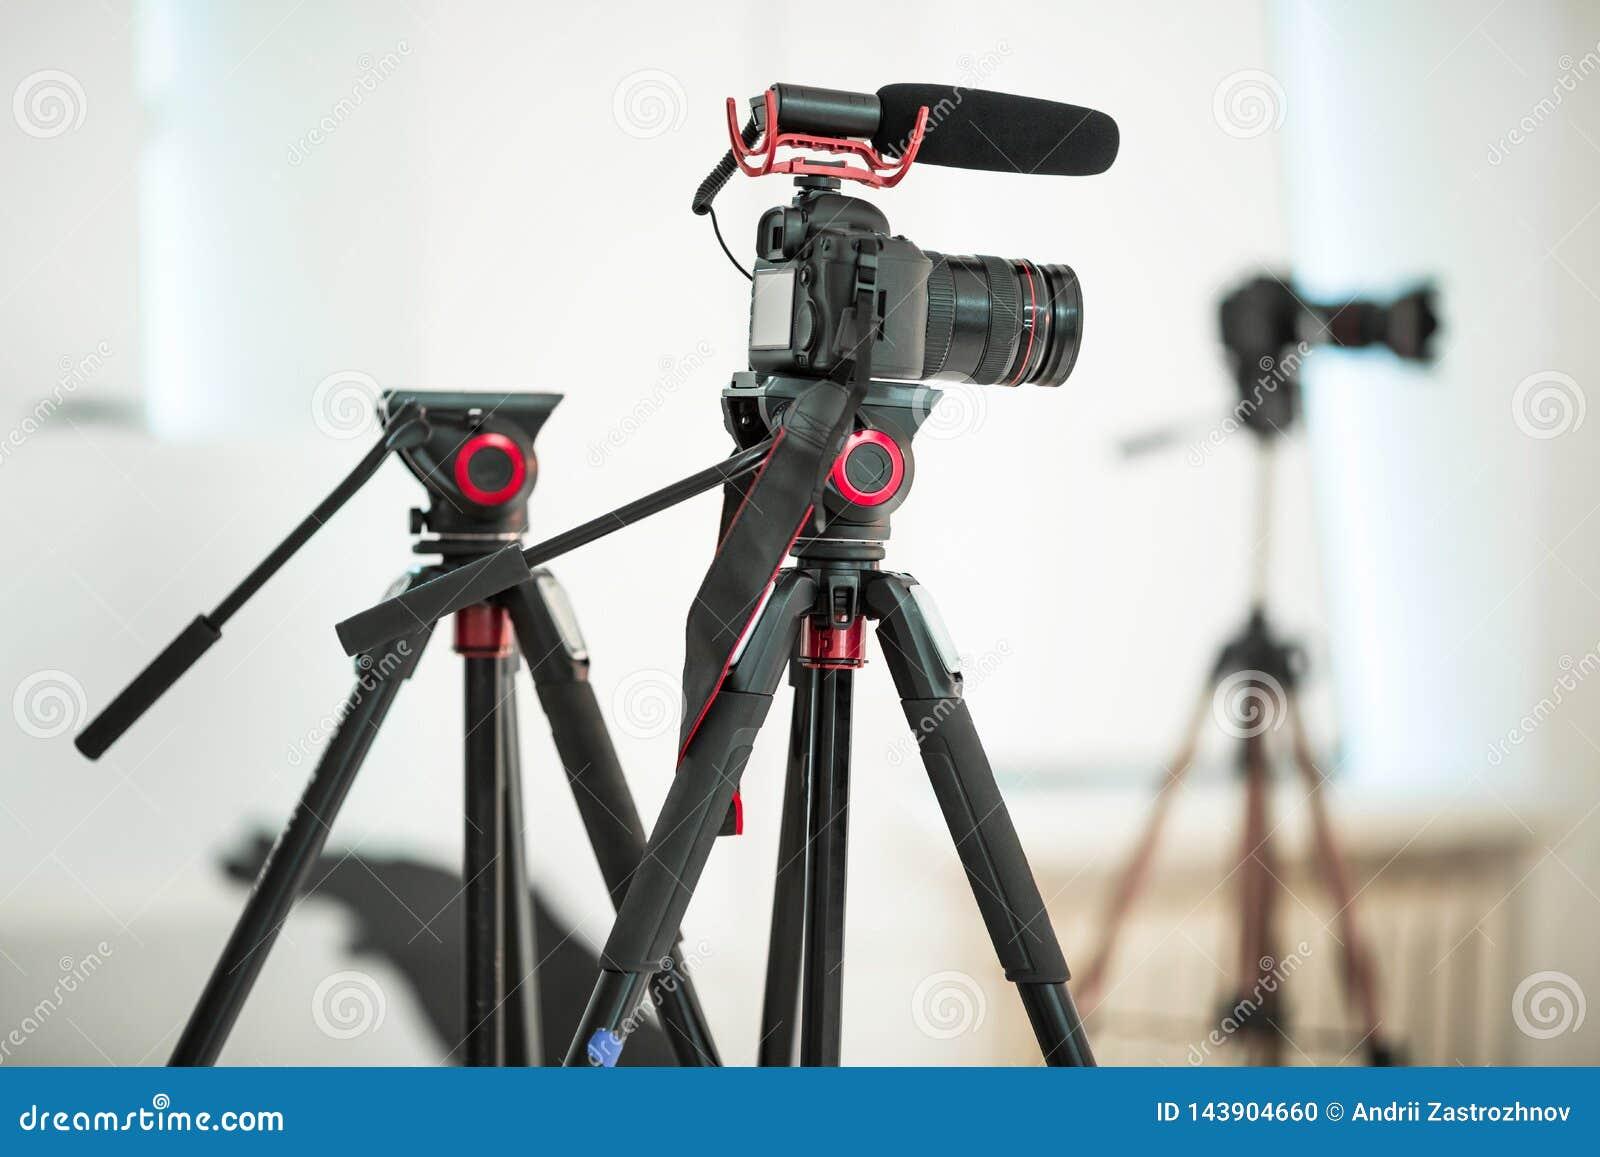 Entrevue de concept, appareil photo numérique sur un trépied avec un microphone dans le studio sur un fond blanc